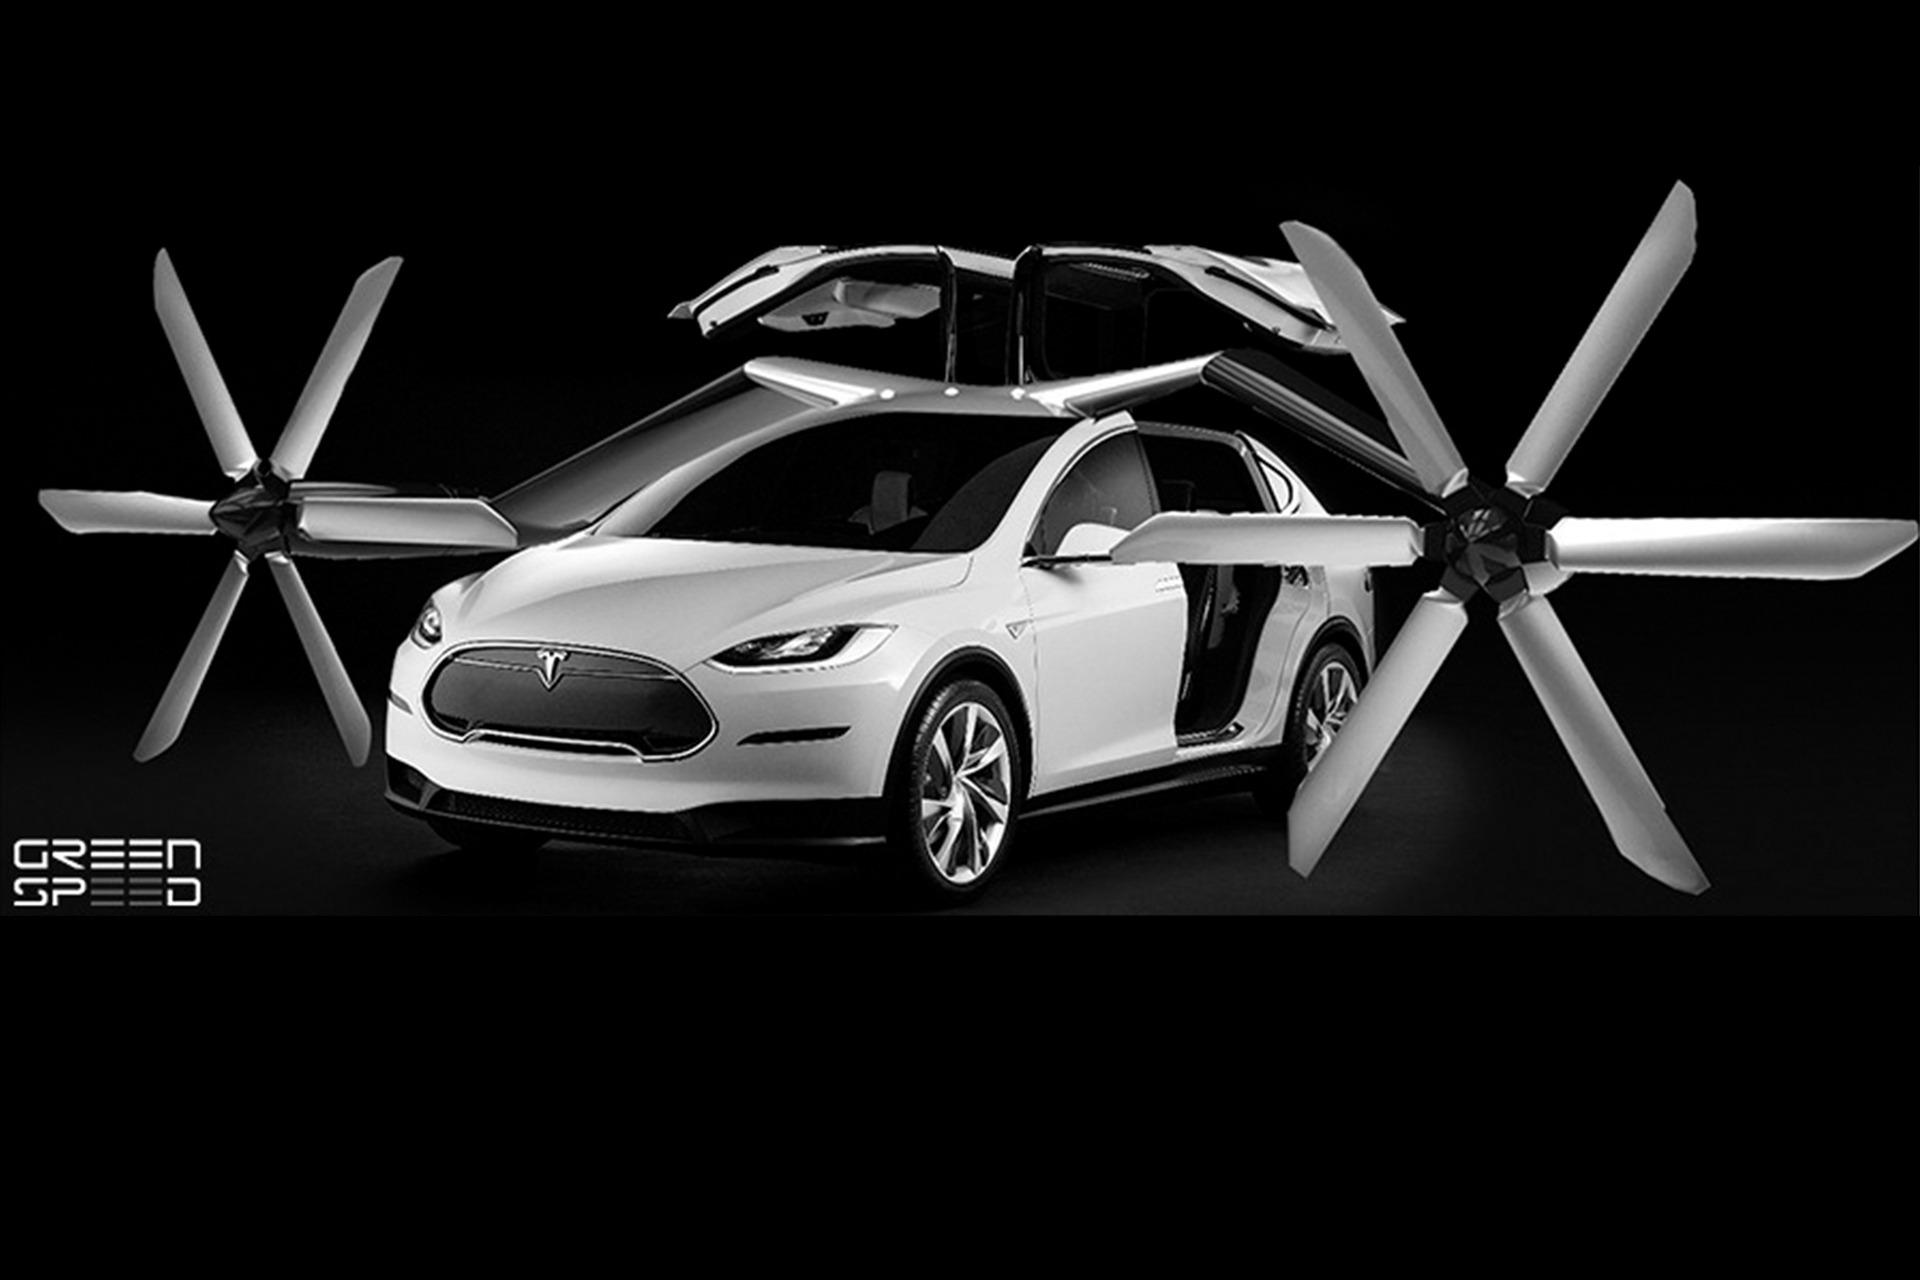 Tesla Eilmeldung Breaking News Model Space X Greenspeed emobility Aachen Tesla kaufen Model S Model S85 Model X gebraucht Gebrauchtwagen Händler Deutschland Nachrichten News